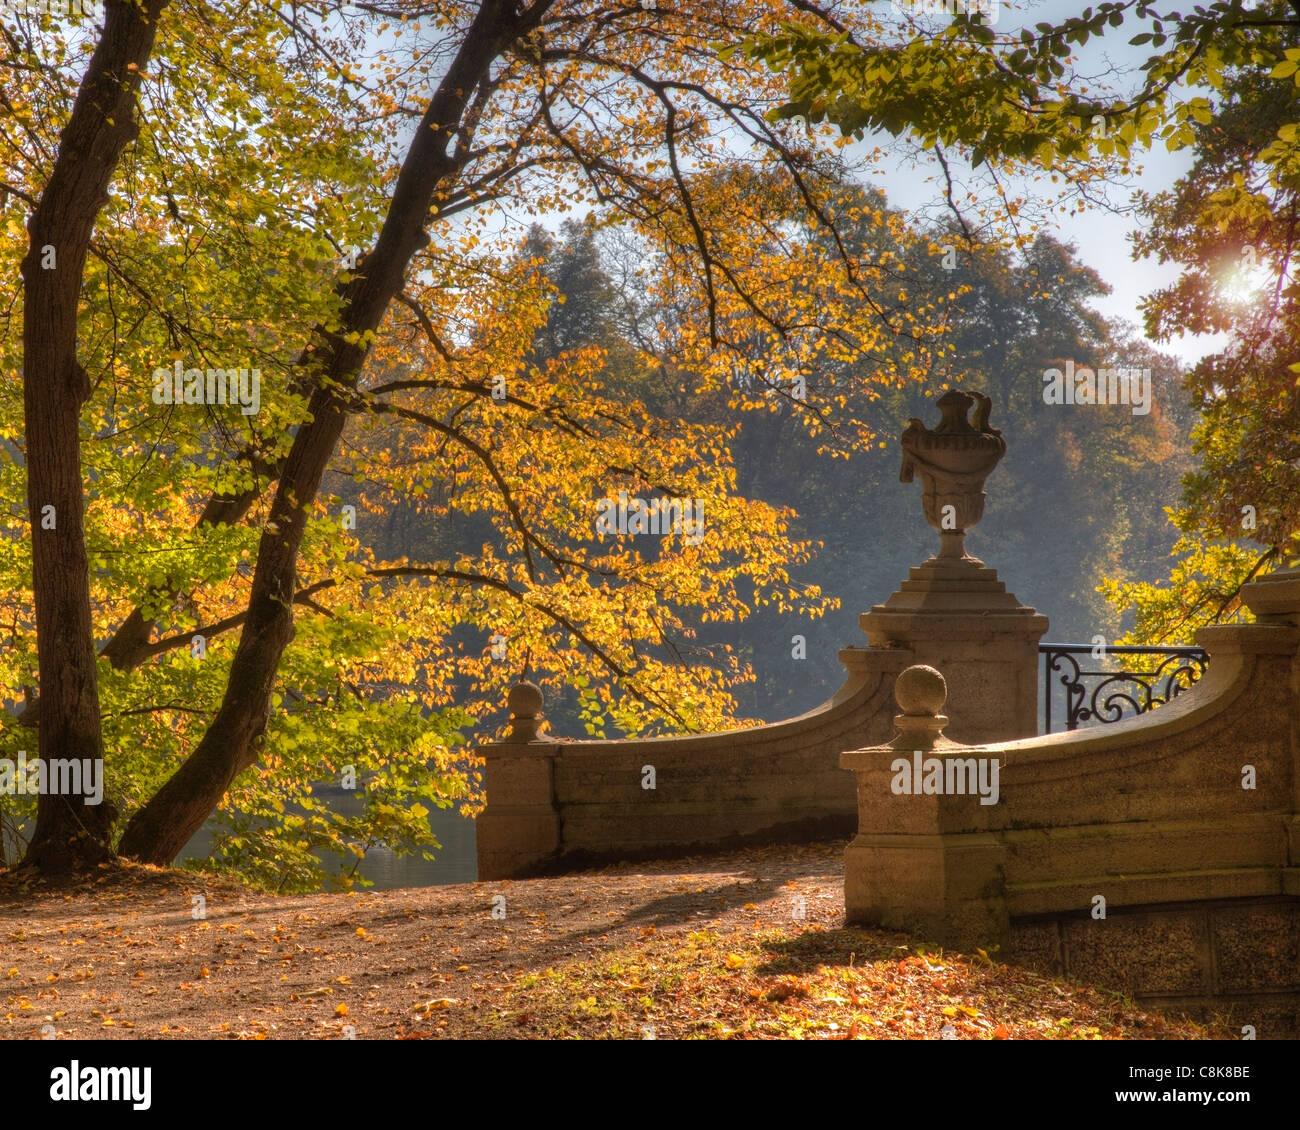 DE - BAVARIA: Autumn in Nymphenburg Palace Park, Munich - Stock Image